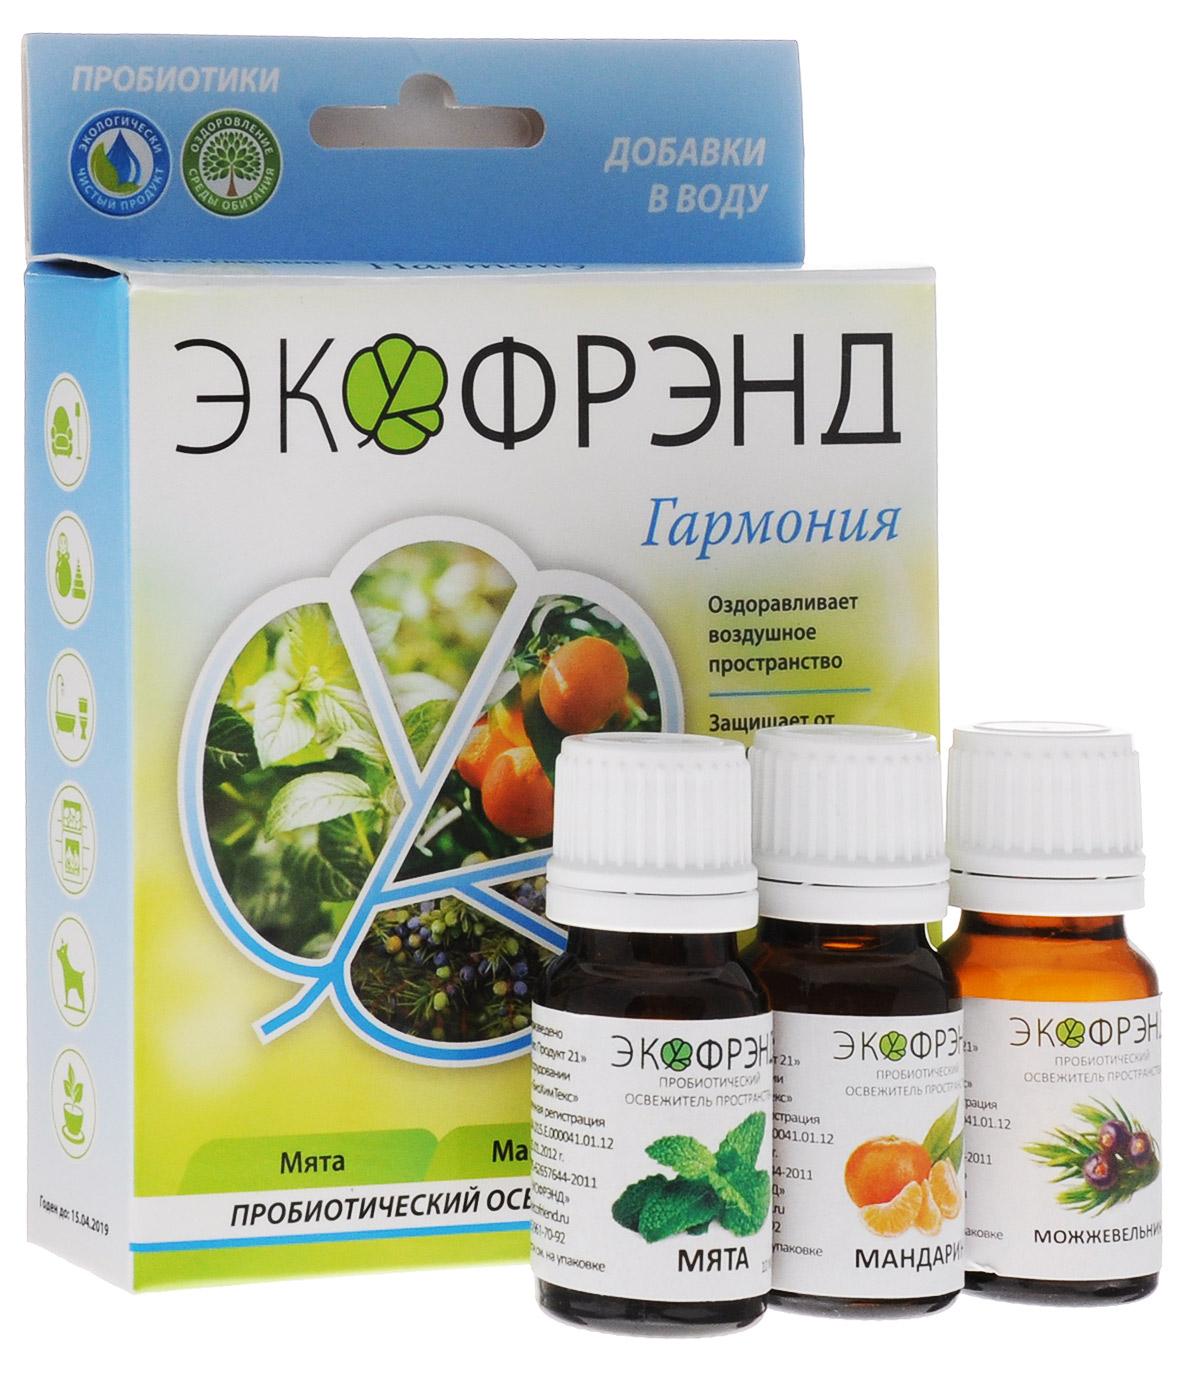 Экофрэнд Гармония пробиотический освежитель пространства мята мандарин можжевельникГАРМОНИЯЭкофренд Гармония - это экологичное пробиотическое средство - концентрат, на основе эфирного масла мяты. Средство устраняет пыль, гарь, смог, неприятные запахи, очищает воздух и создает защиту на микробиологическом уровне. Нейтрализует негативное воздействие окружающей среды и электромагнитное излучение, оздоравливает воздушное пространство. Освежитель не разрушает озоновый слой, не раздражает кожу и дыхательные пути. Эфирное масло мяты, входящее в состав, очень хорошо успокаивает и восстанавливает силы, устраняя нервное перевозбуждение и нервозность вследствие недосыпания.Устройства для применения: климатическая установка, моющий пылесос, парогенератор, распылитель, увлажнительОбласти применения: баня, автомобиль, детская, животные, гостиная, кухня, прихожая, ванная, цветы